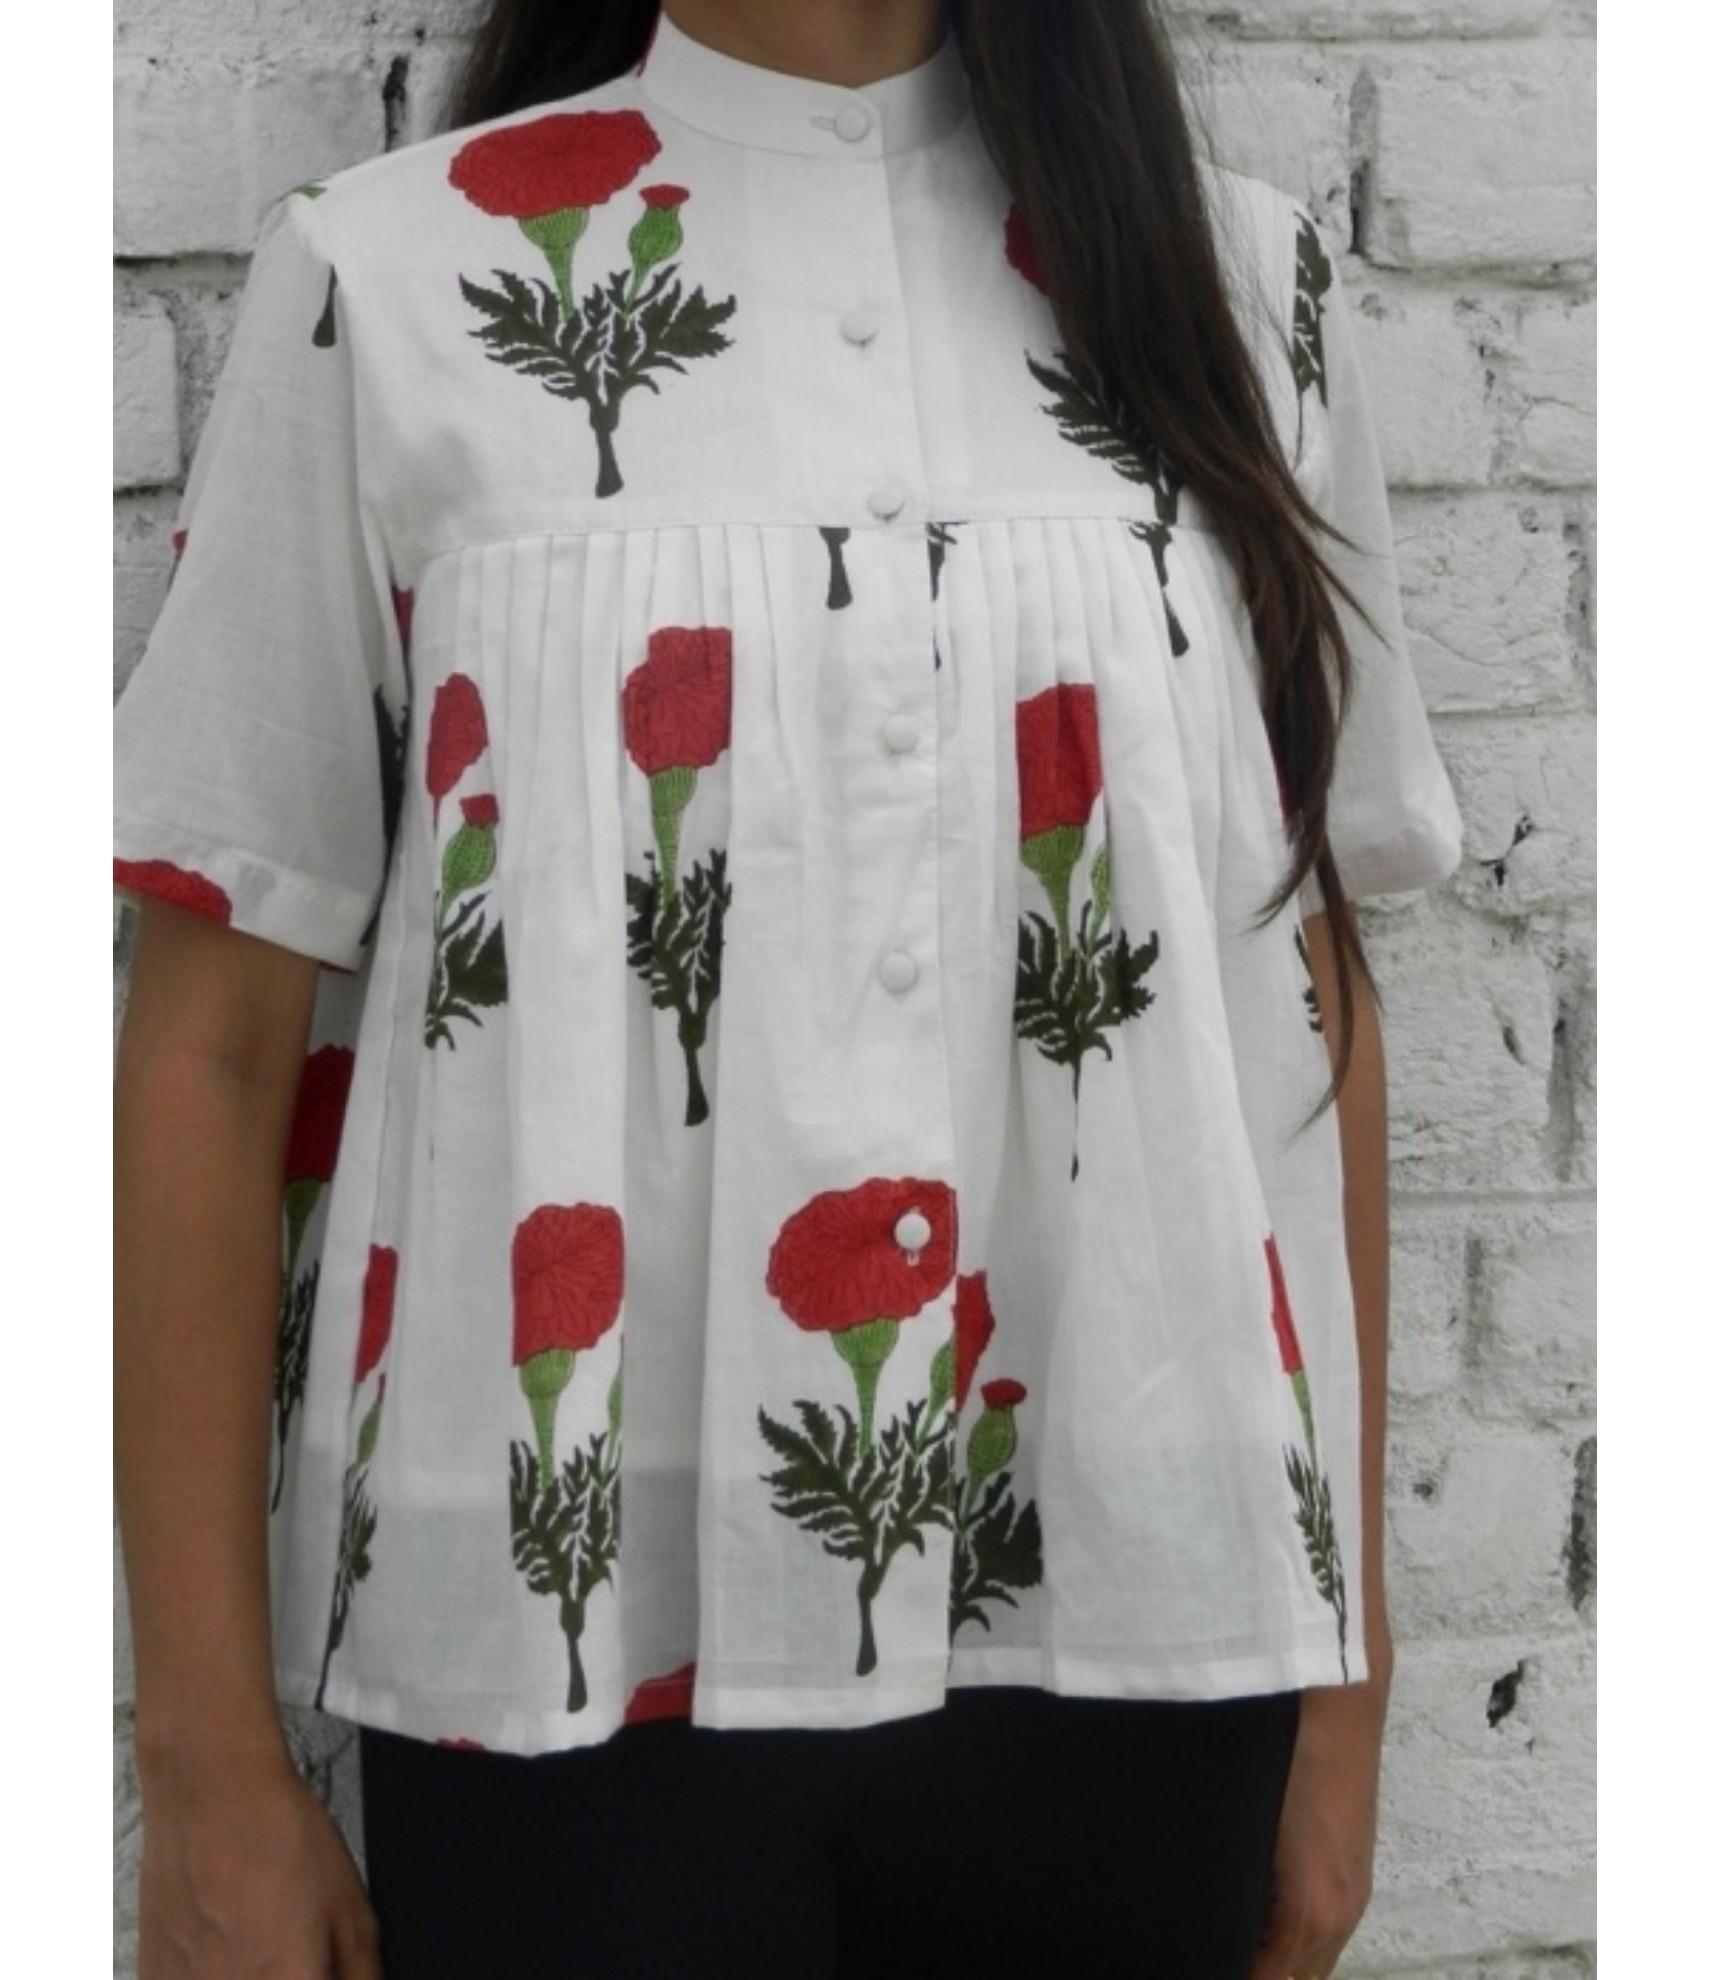 shirts for women designer red mogra shirt for women u0026 girls FLBKALX